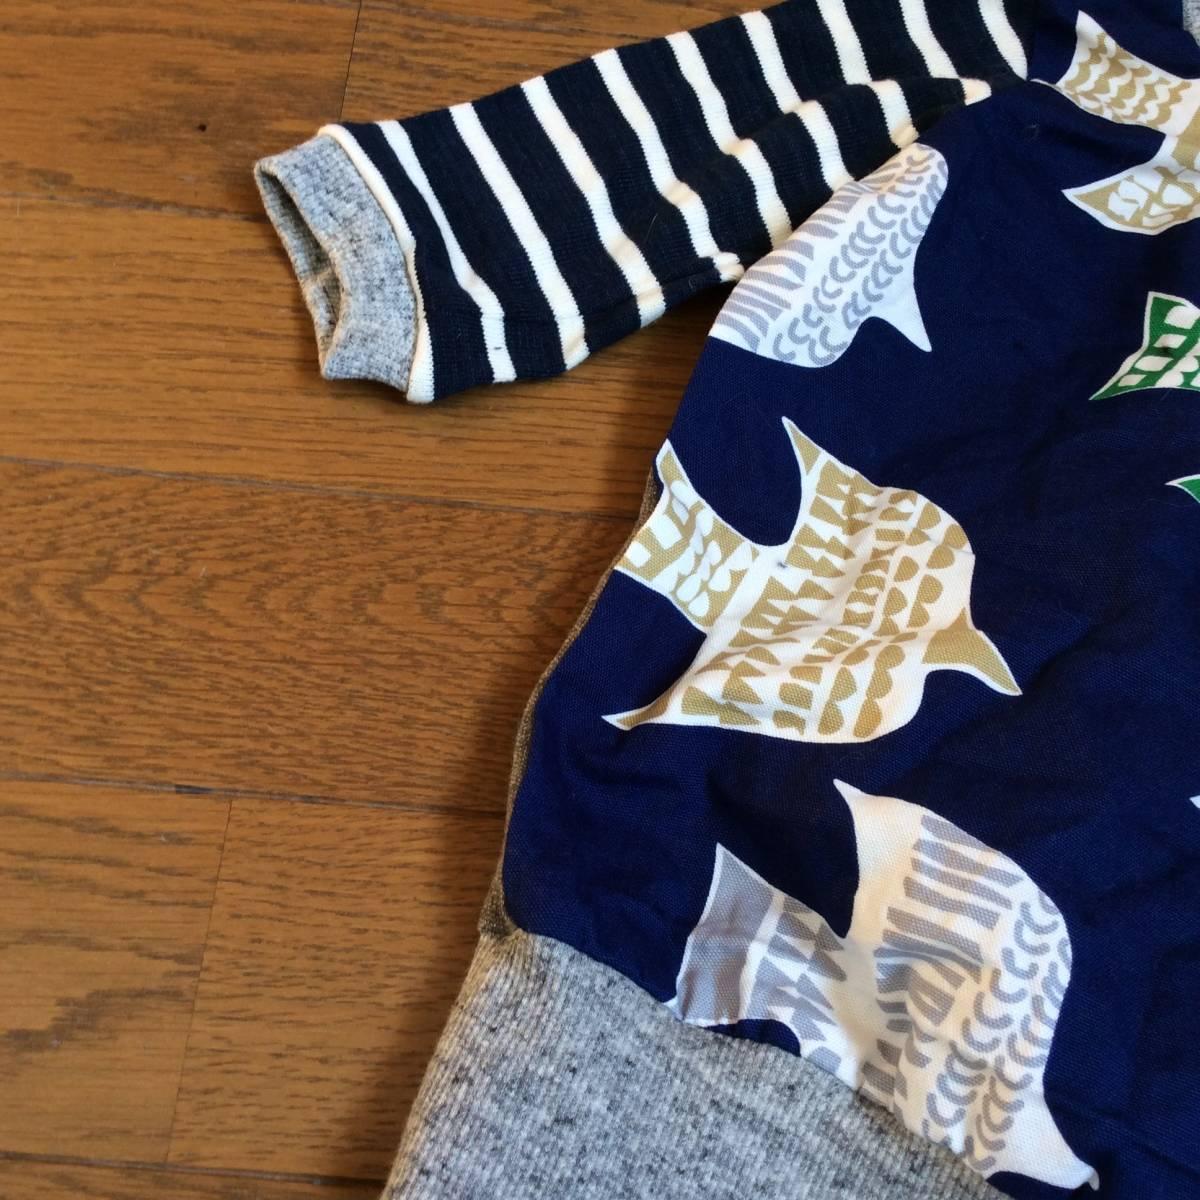 日々の服*ハンドメイド*切り替えT6分袖 100/ブルー、グレー、バード、鳥、ネイビー、グリーン_画像3